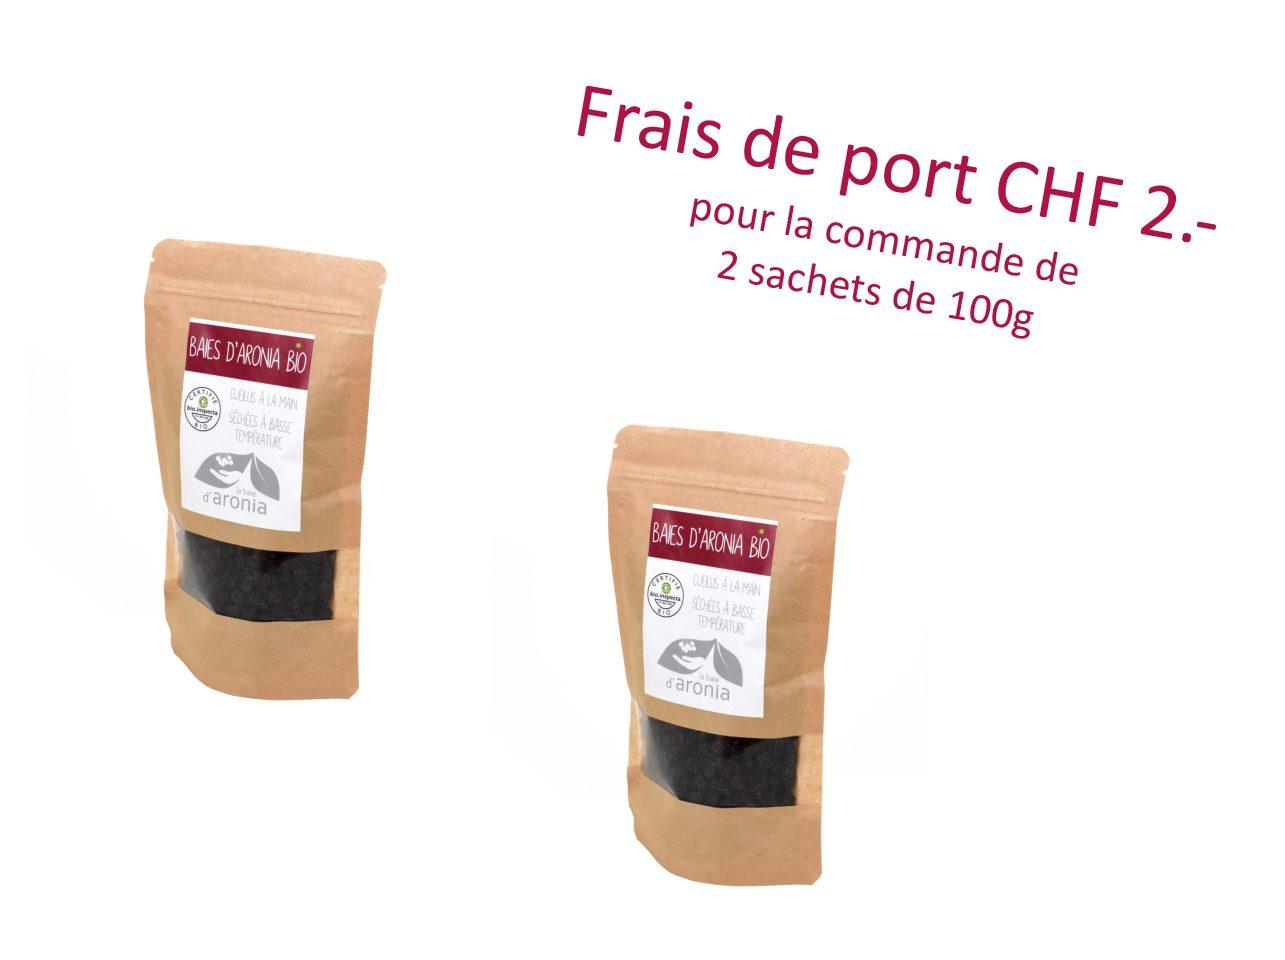 Baies d'aronia séchées, 200 g